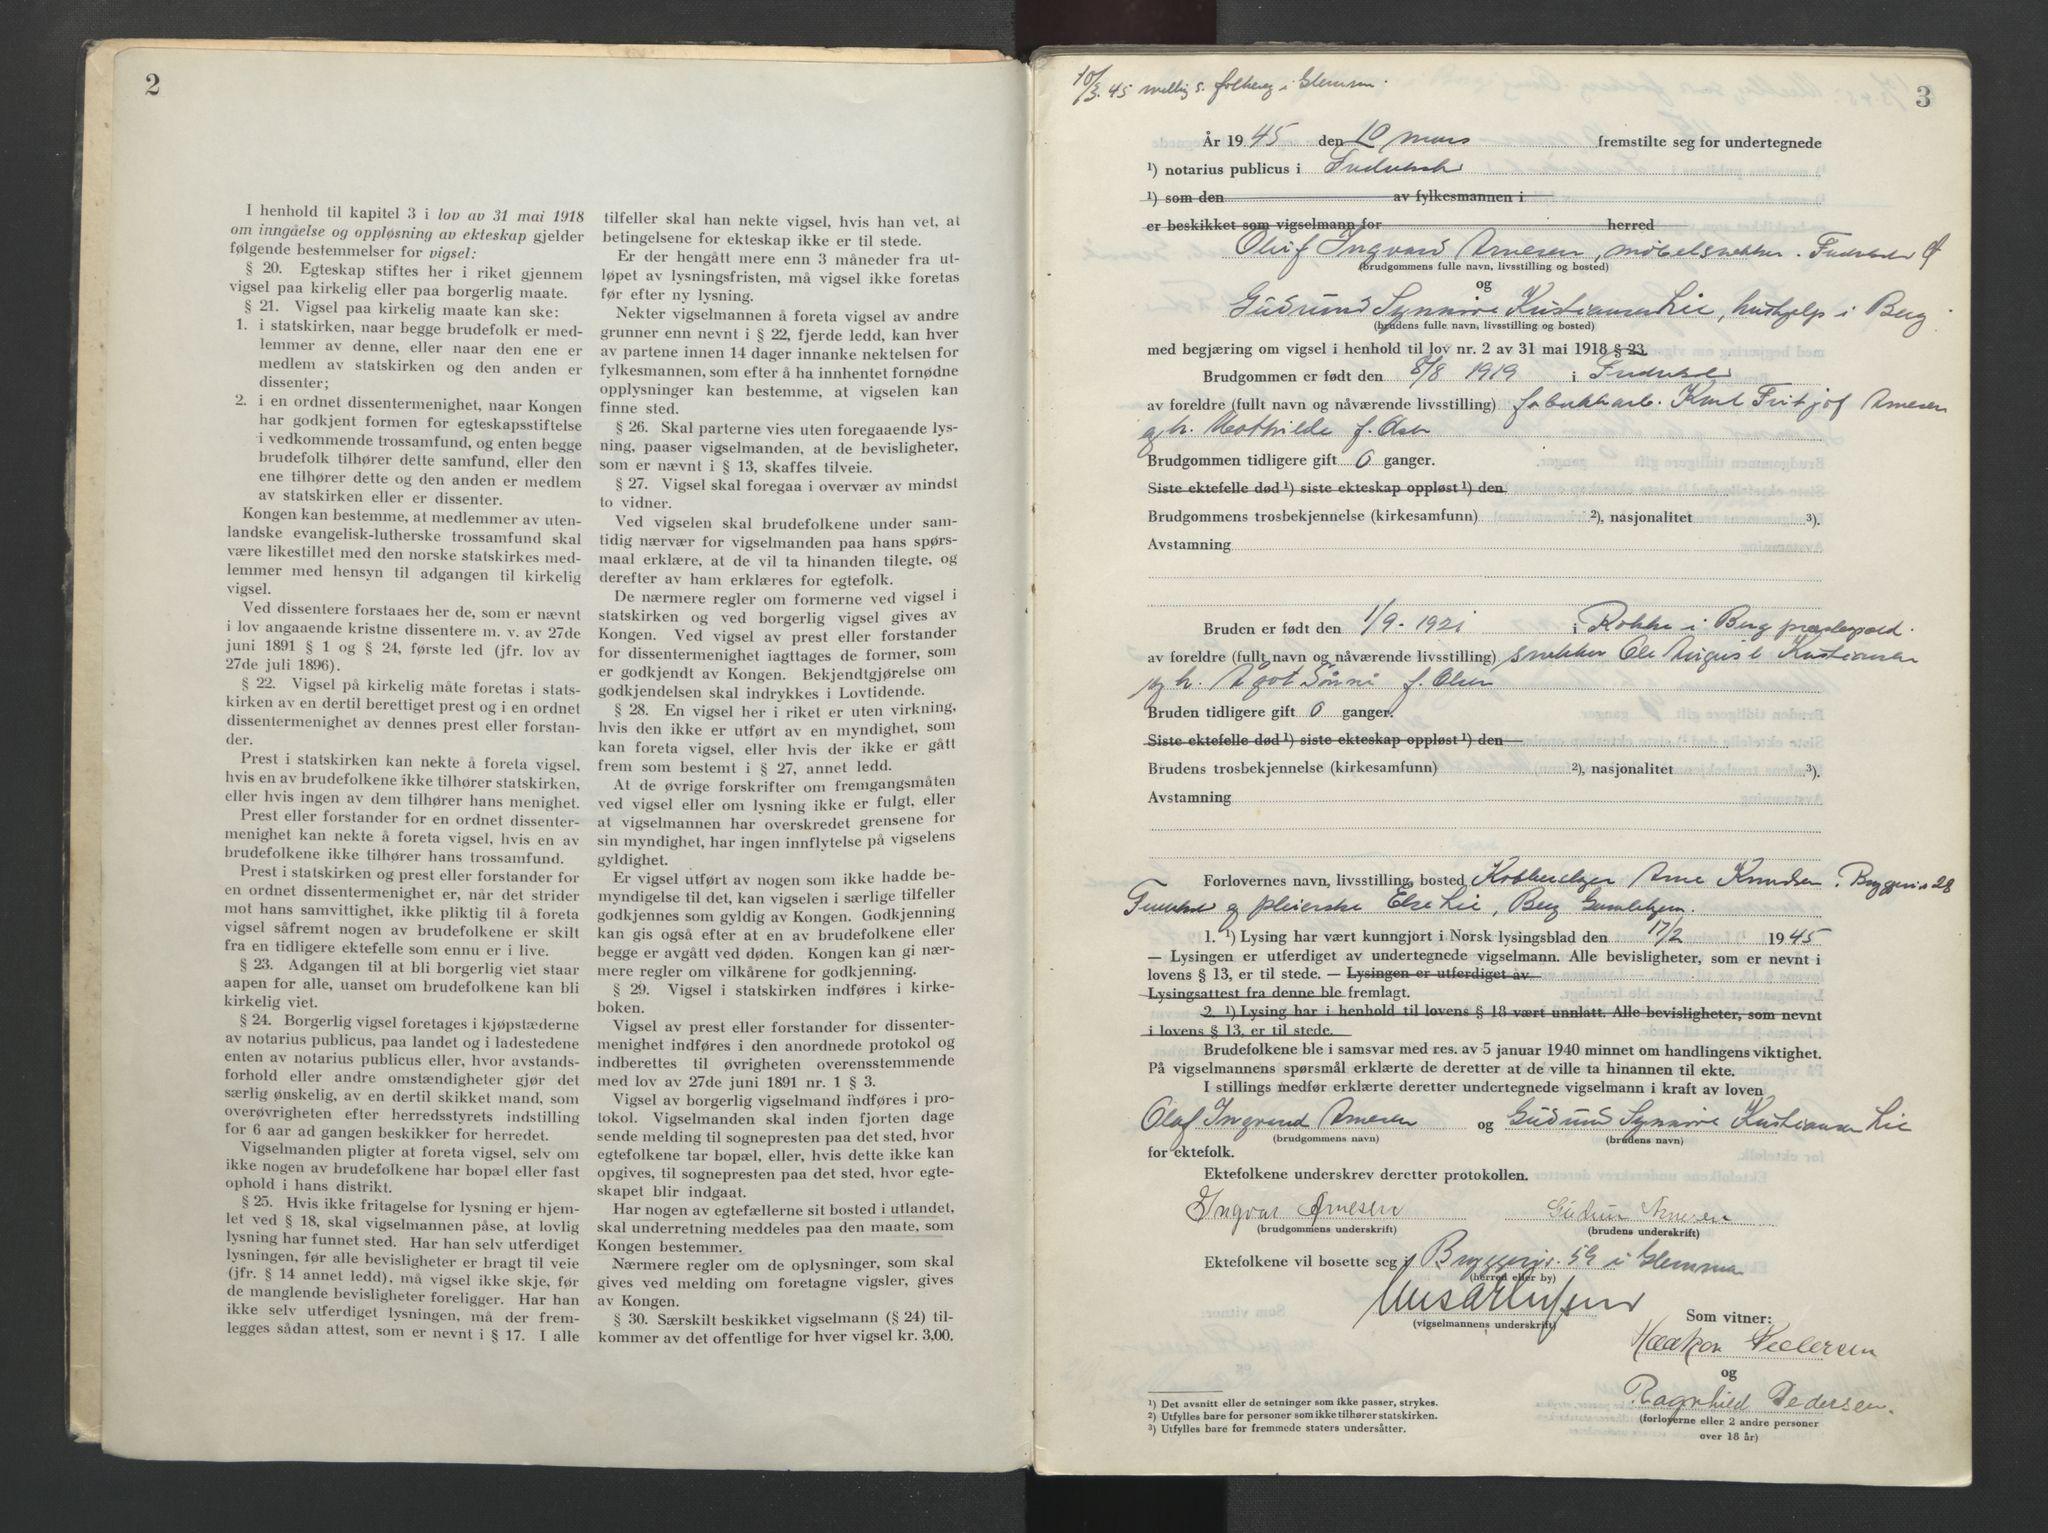 SAO, Fredrikstad byfogd, L/Lc/L0004: Vigselsbok, 1945-1953, s. 2-3